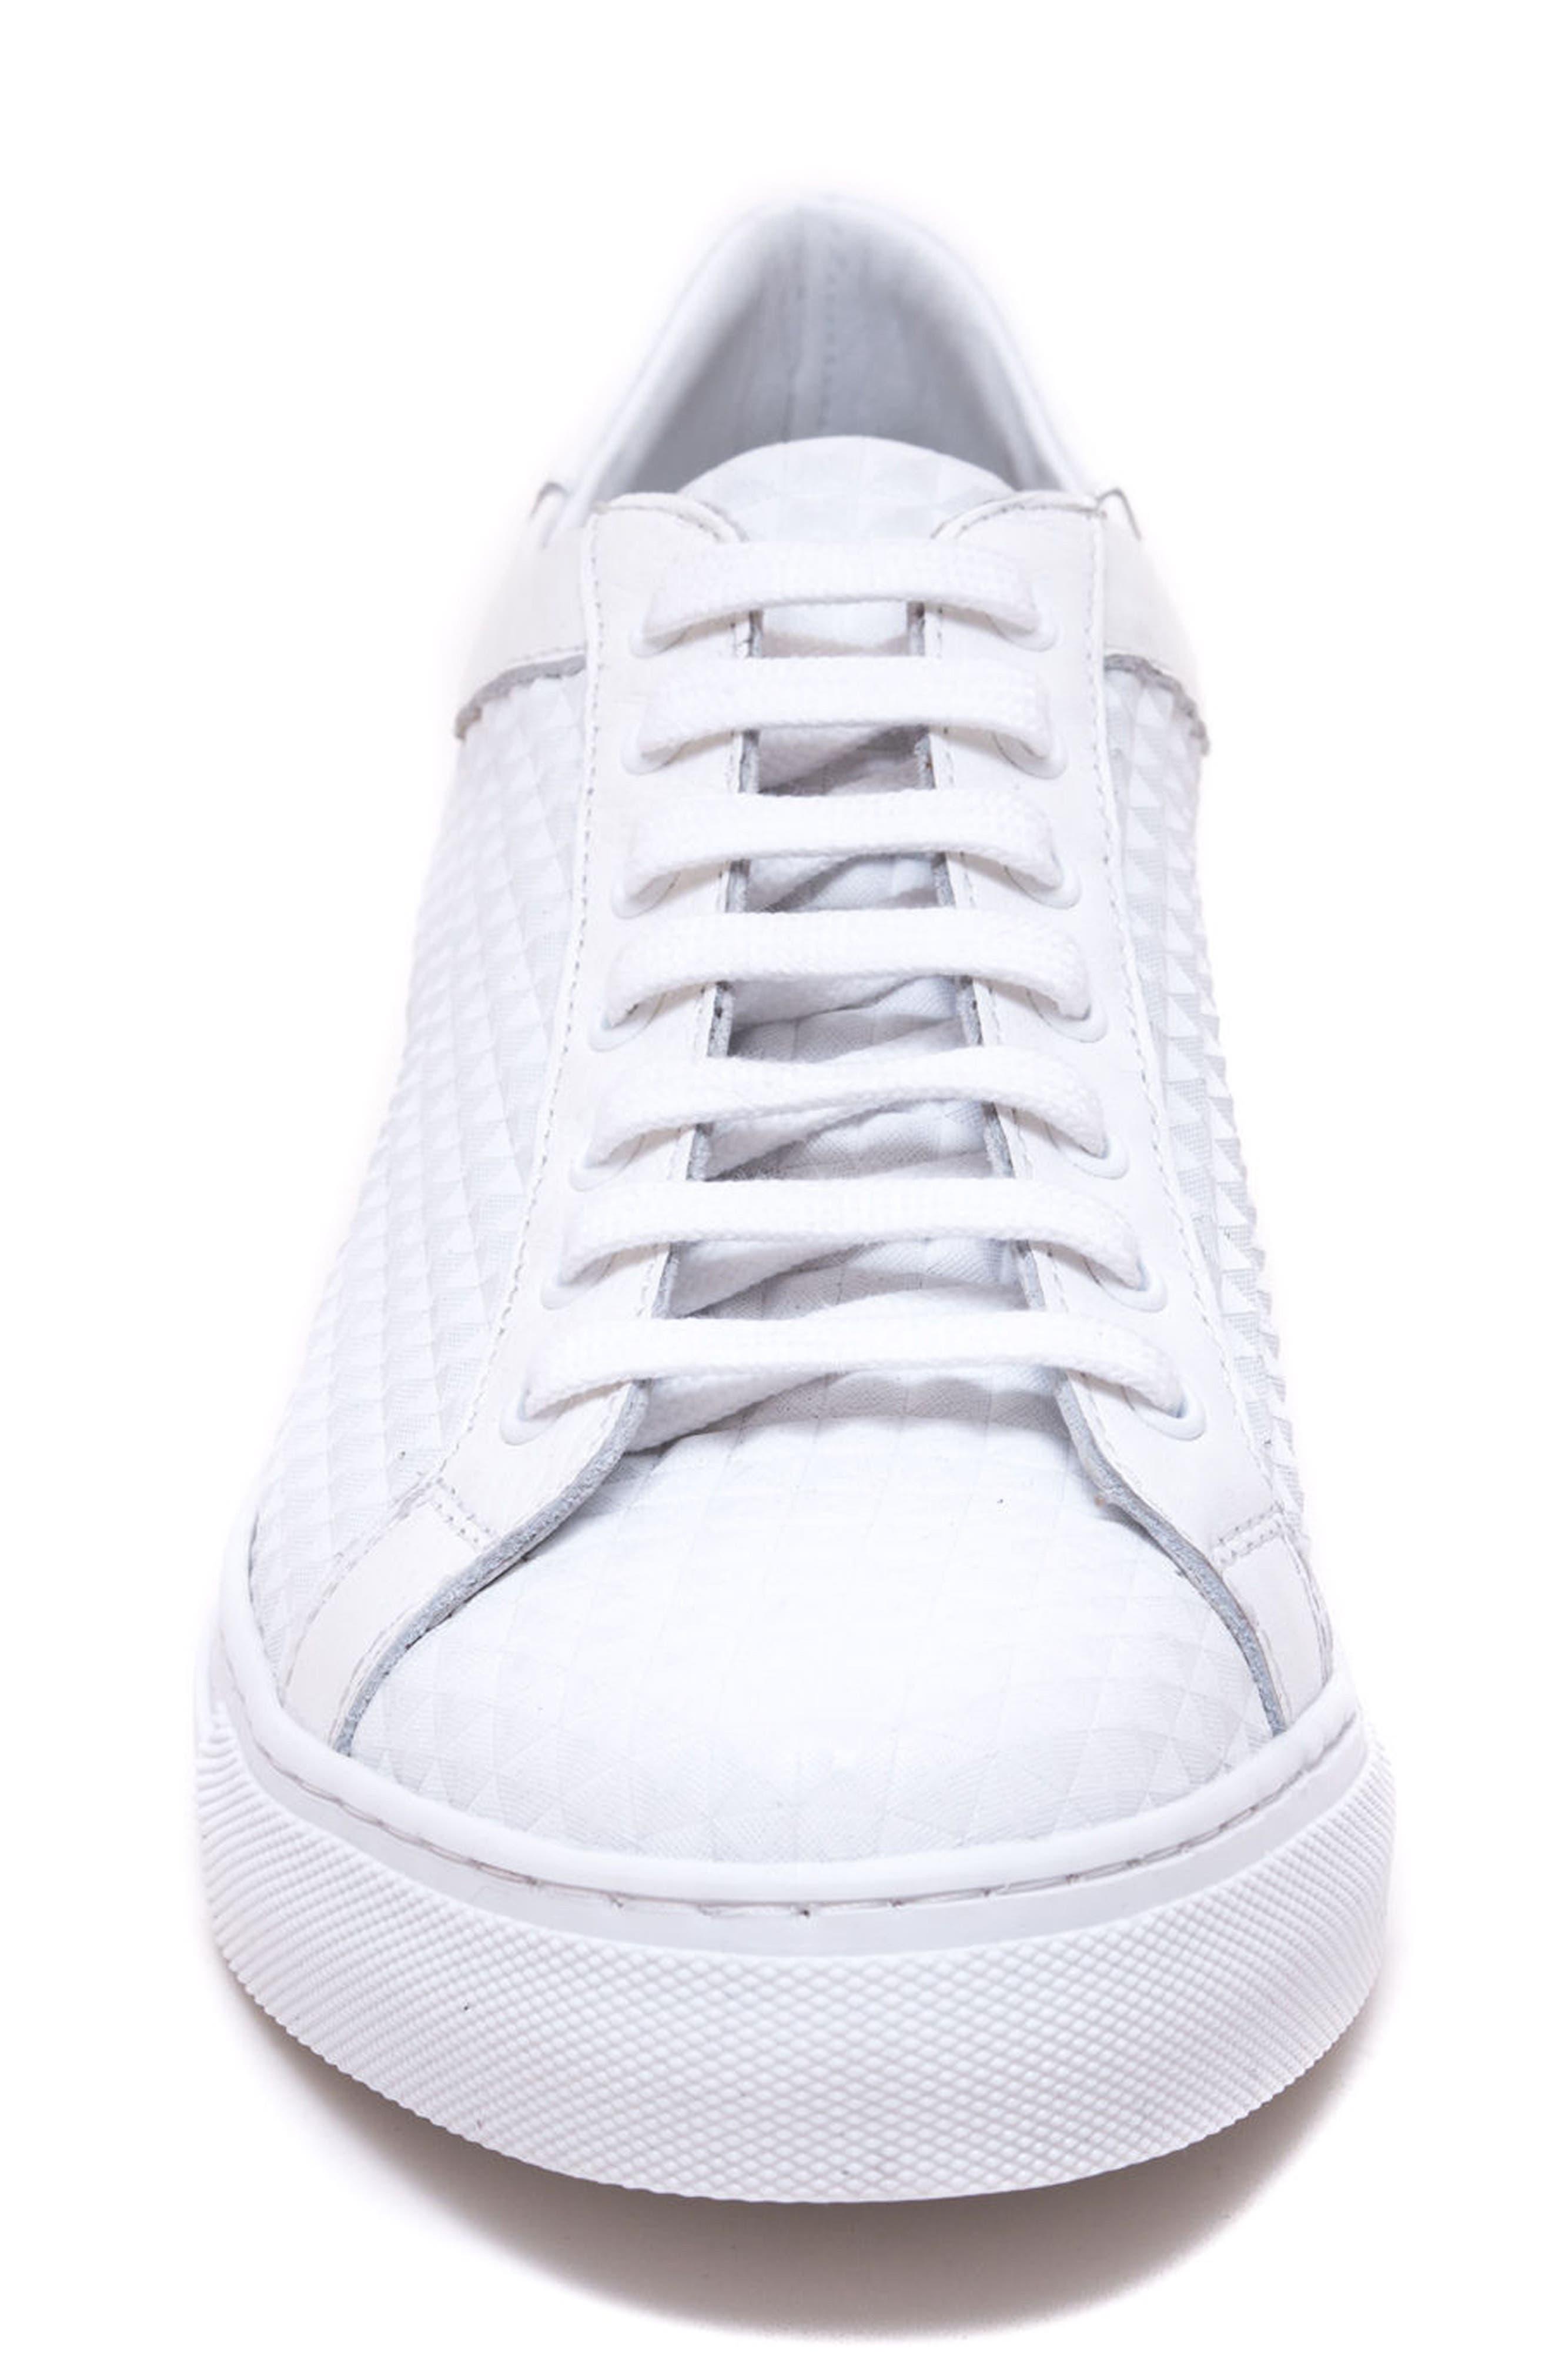 Scott Leather Sneaker,                             Alternate thumbnail 8, color,